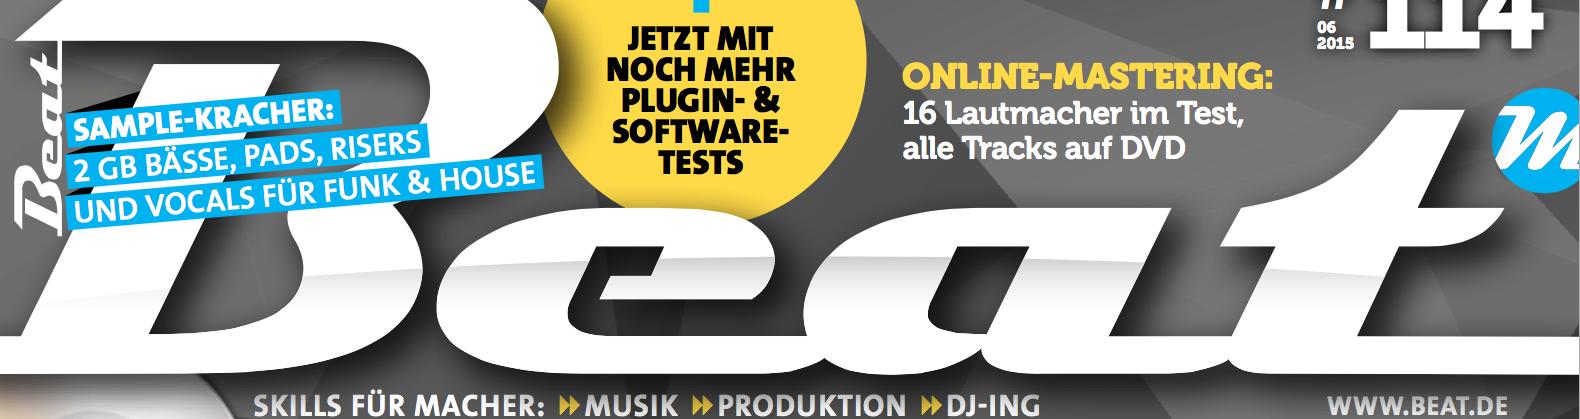 """BEAT MAGAZIN – Online Mastering Studios im Vergleich: audioSenses erhält Prädikat """"Empfehlung der Redaktion"""""""